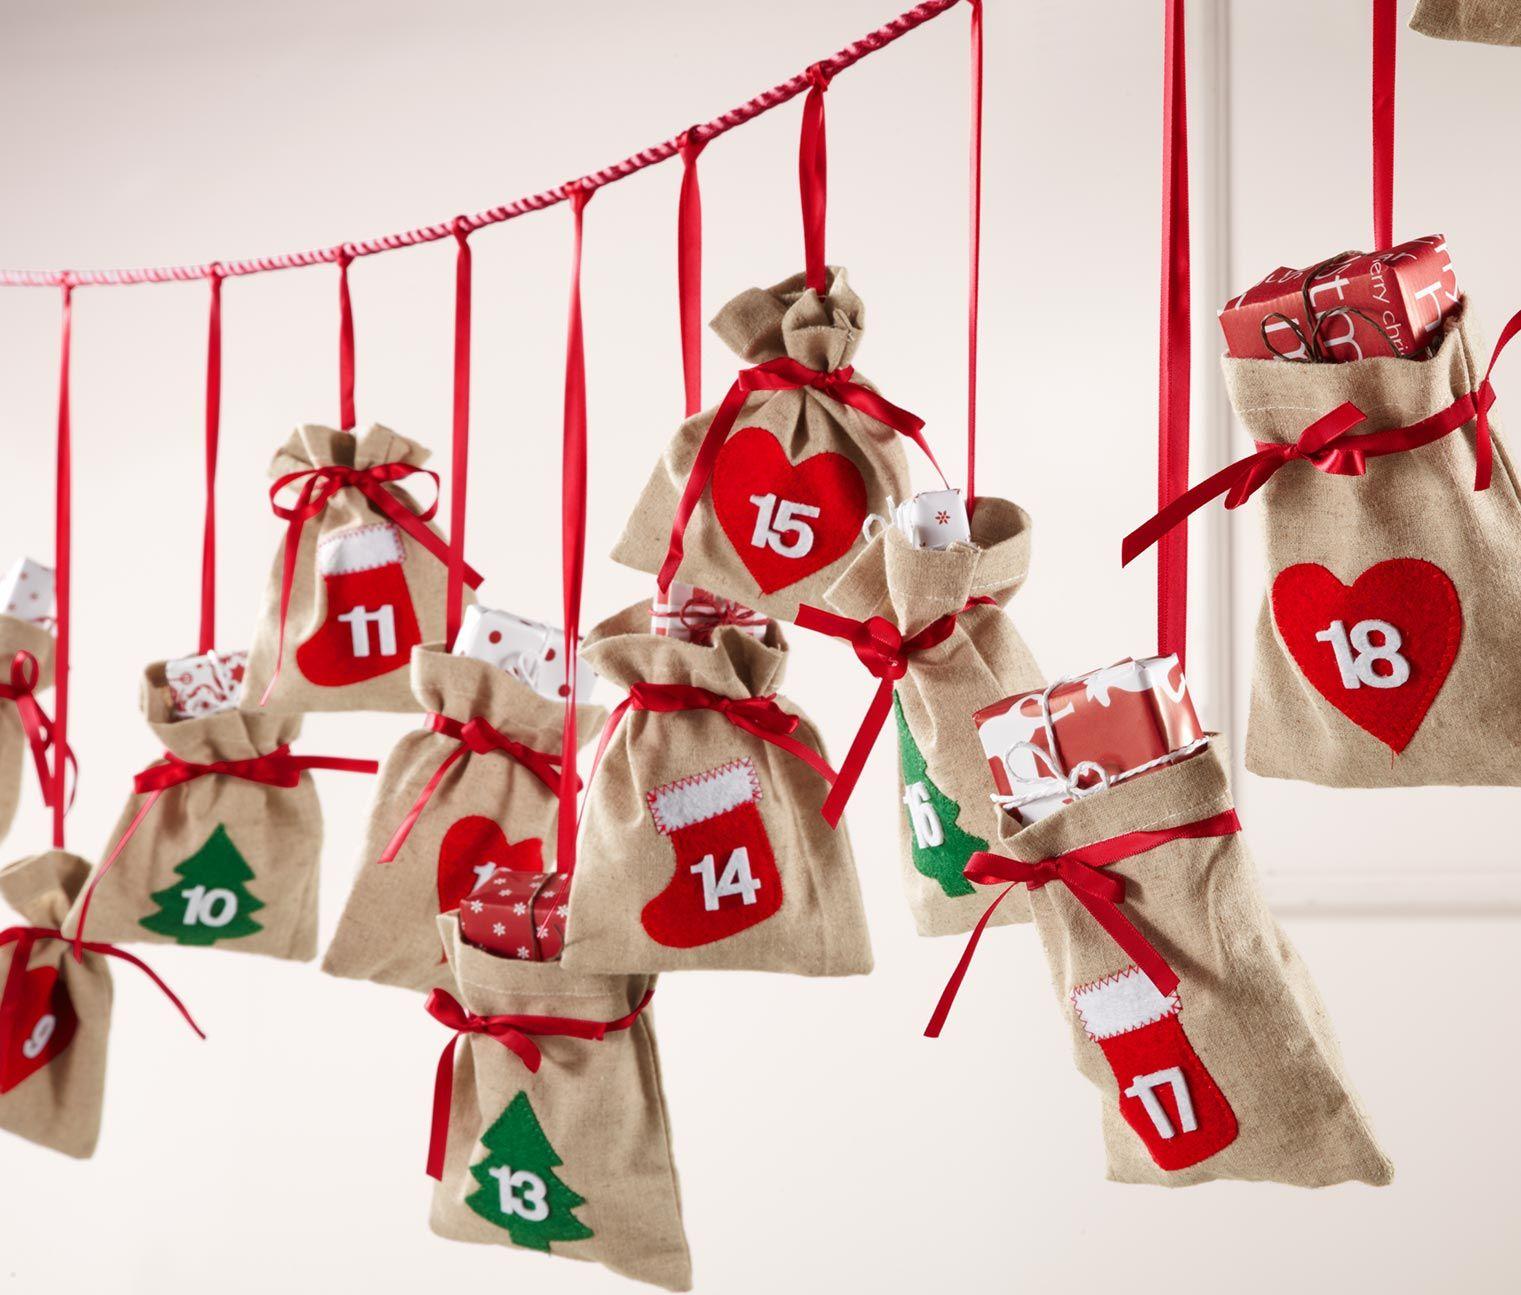 Mit jedem beutel ein bisschen n her an weihnachten adventskalender f r 14 95 bei tchibo - Adventskalender pinterest ...